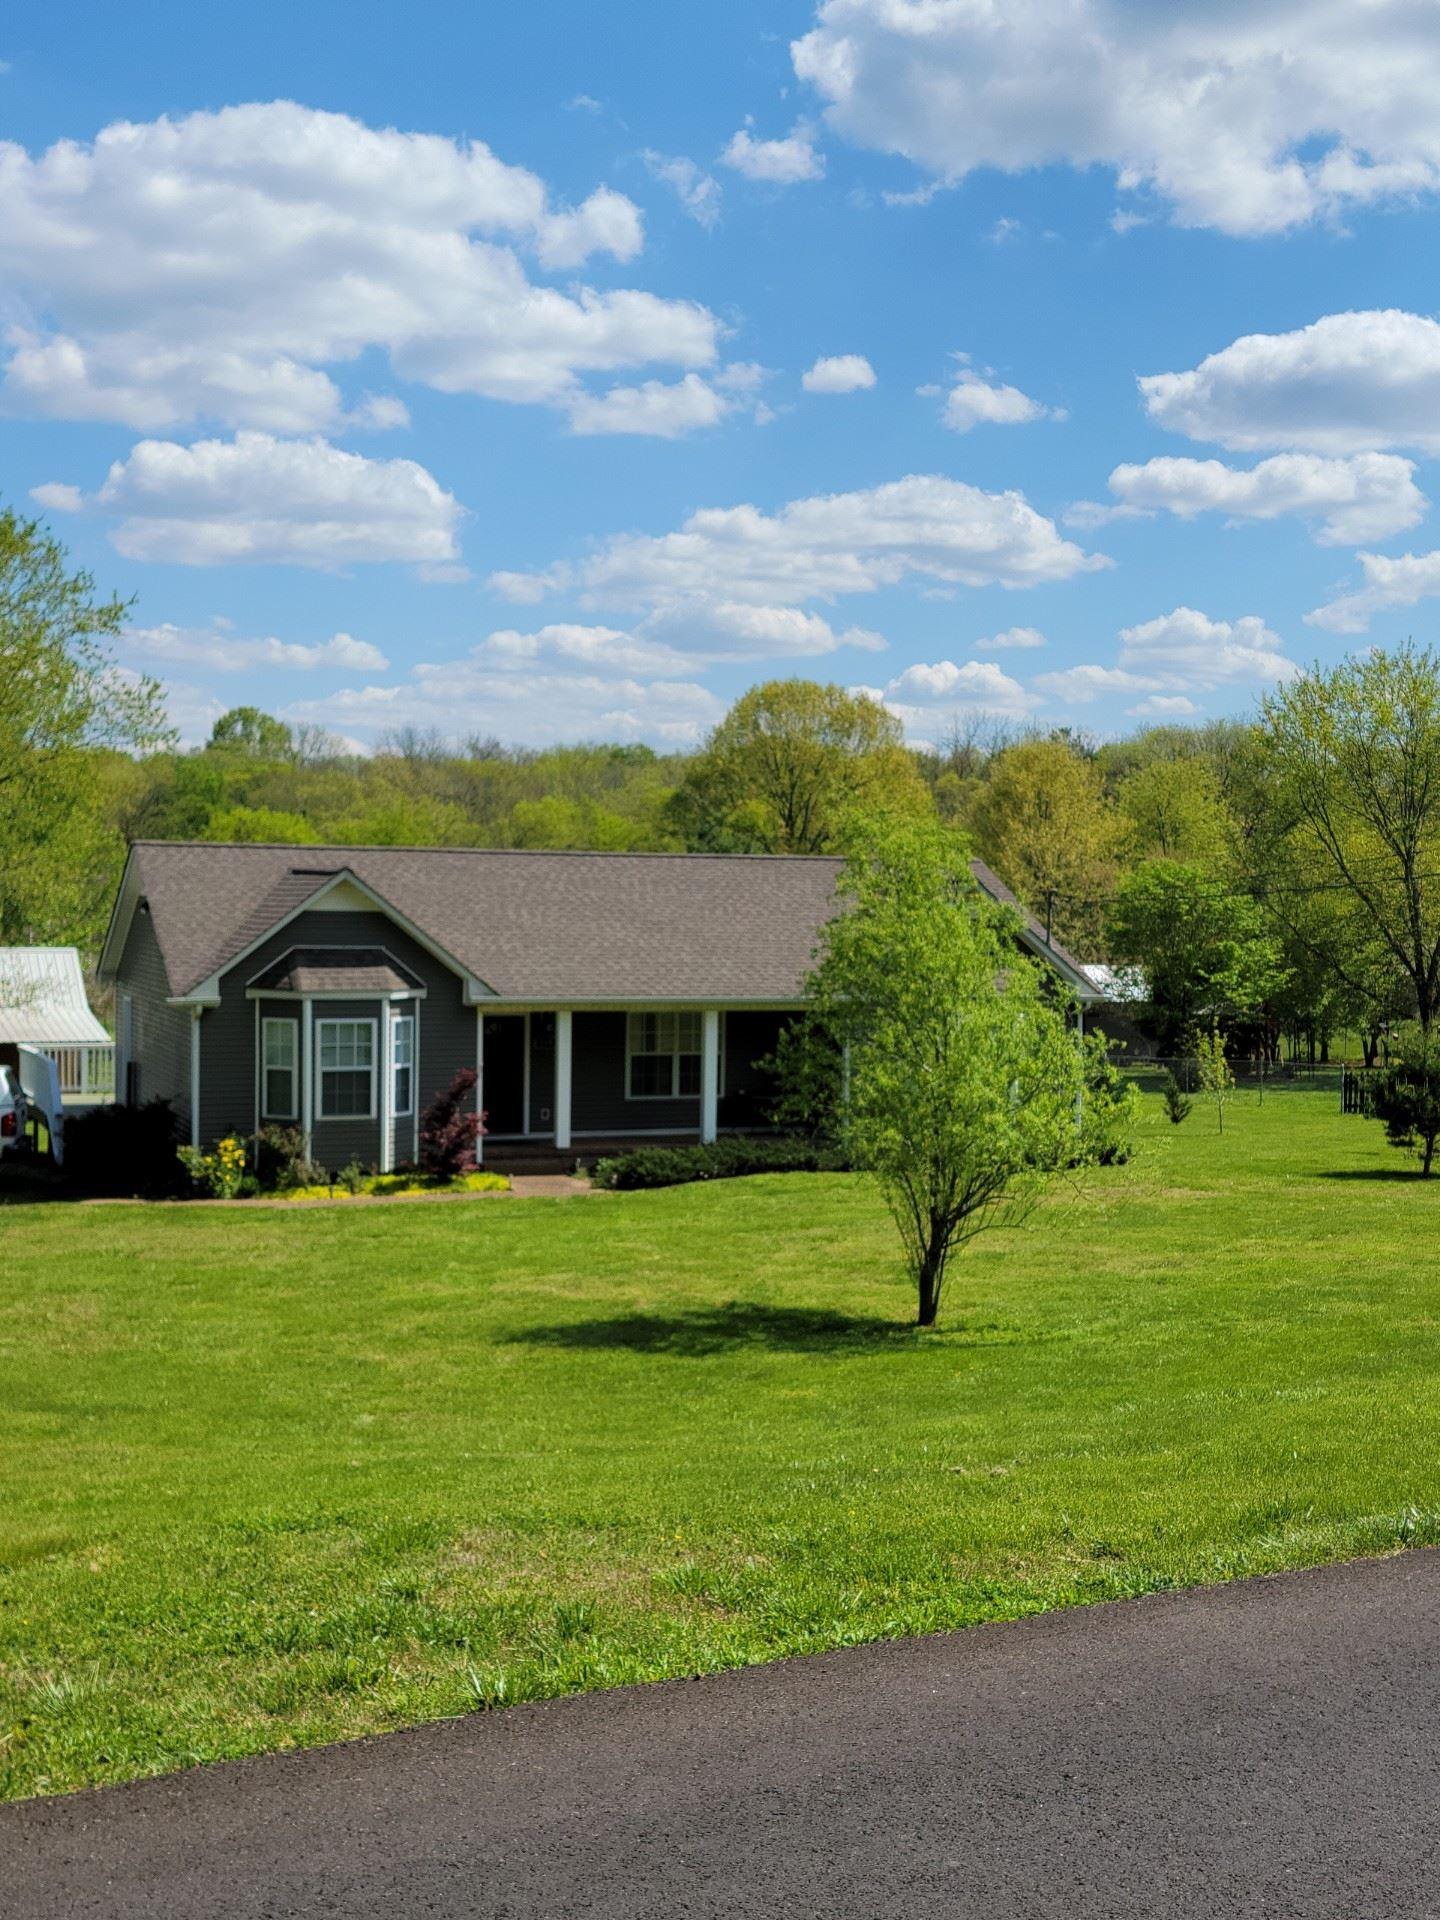 Photo of 2314 Pumpkin Creek Ln, Spring Hill, TN 37174 (MLS # 2246049)